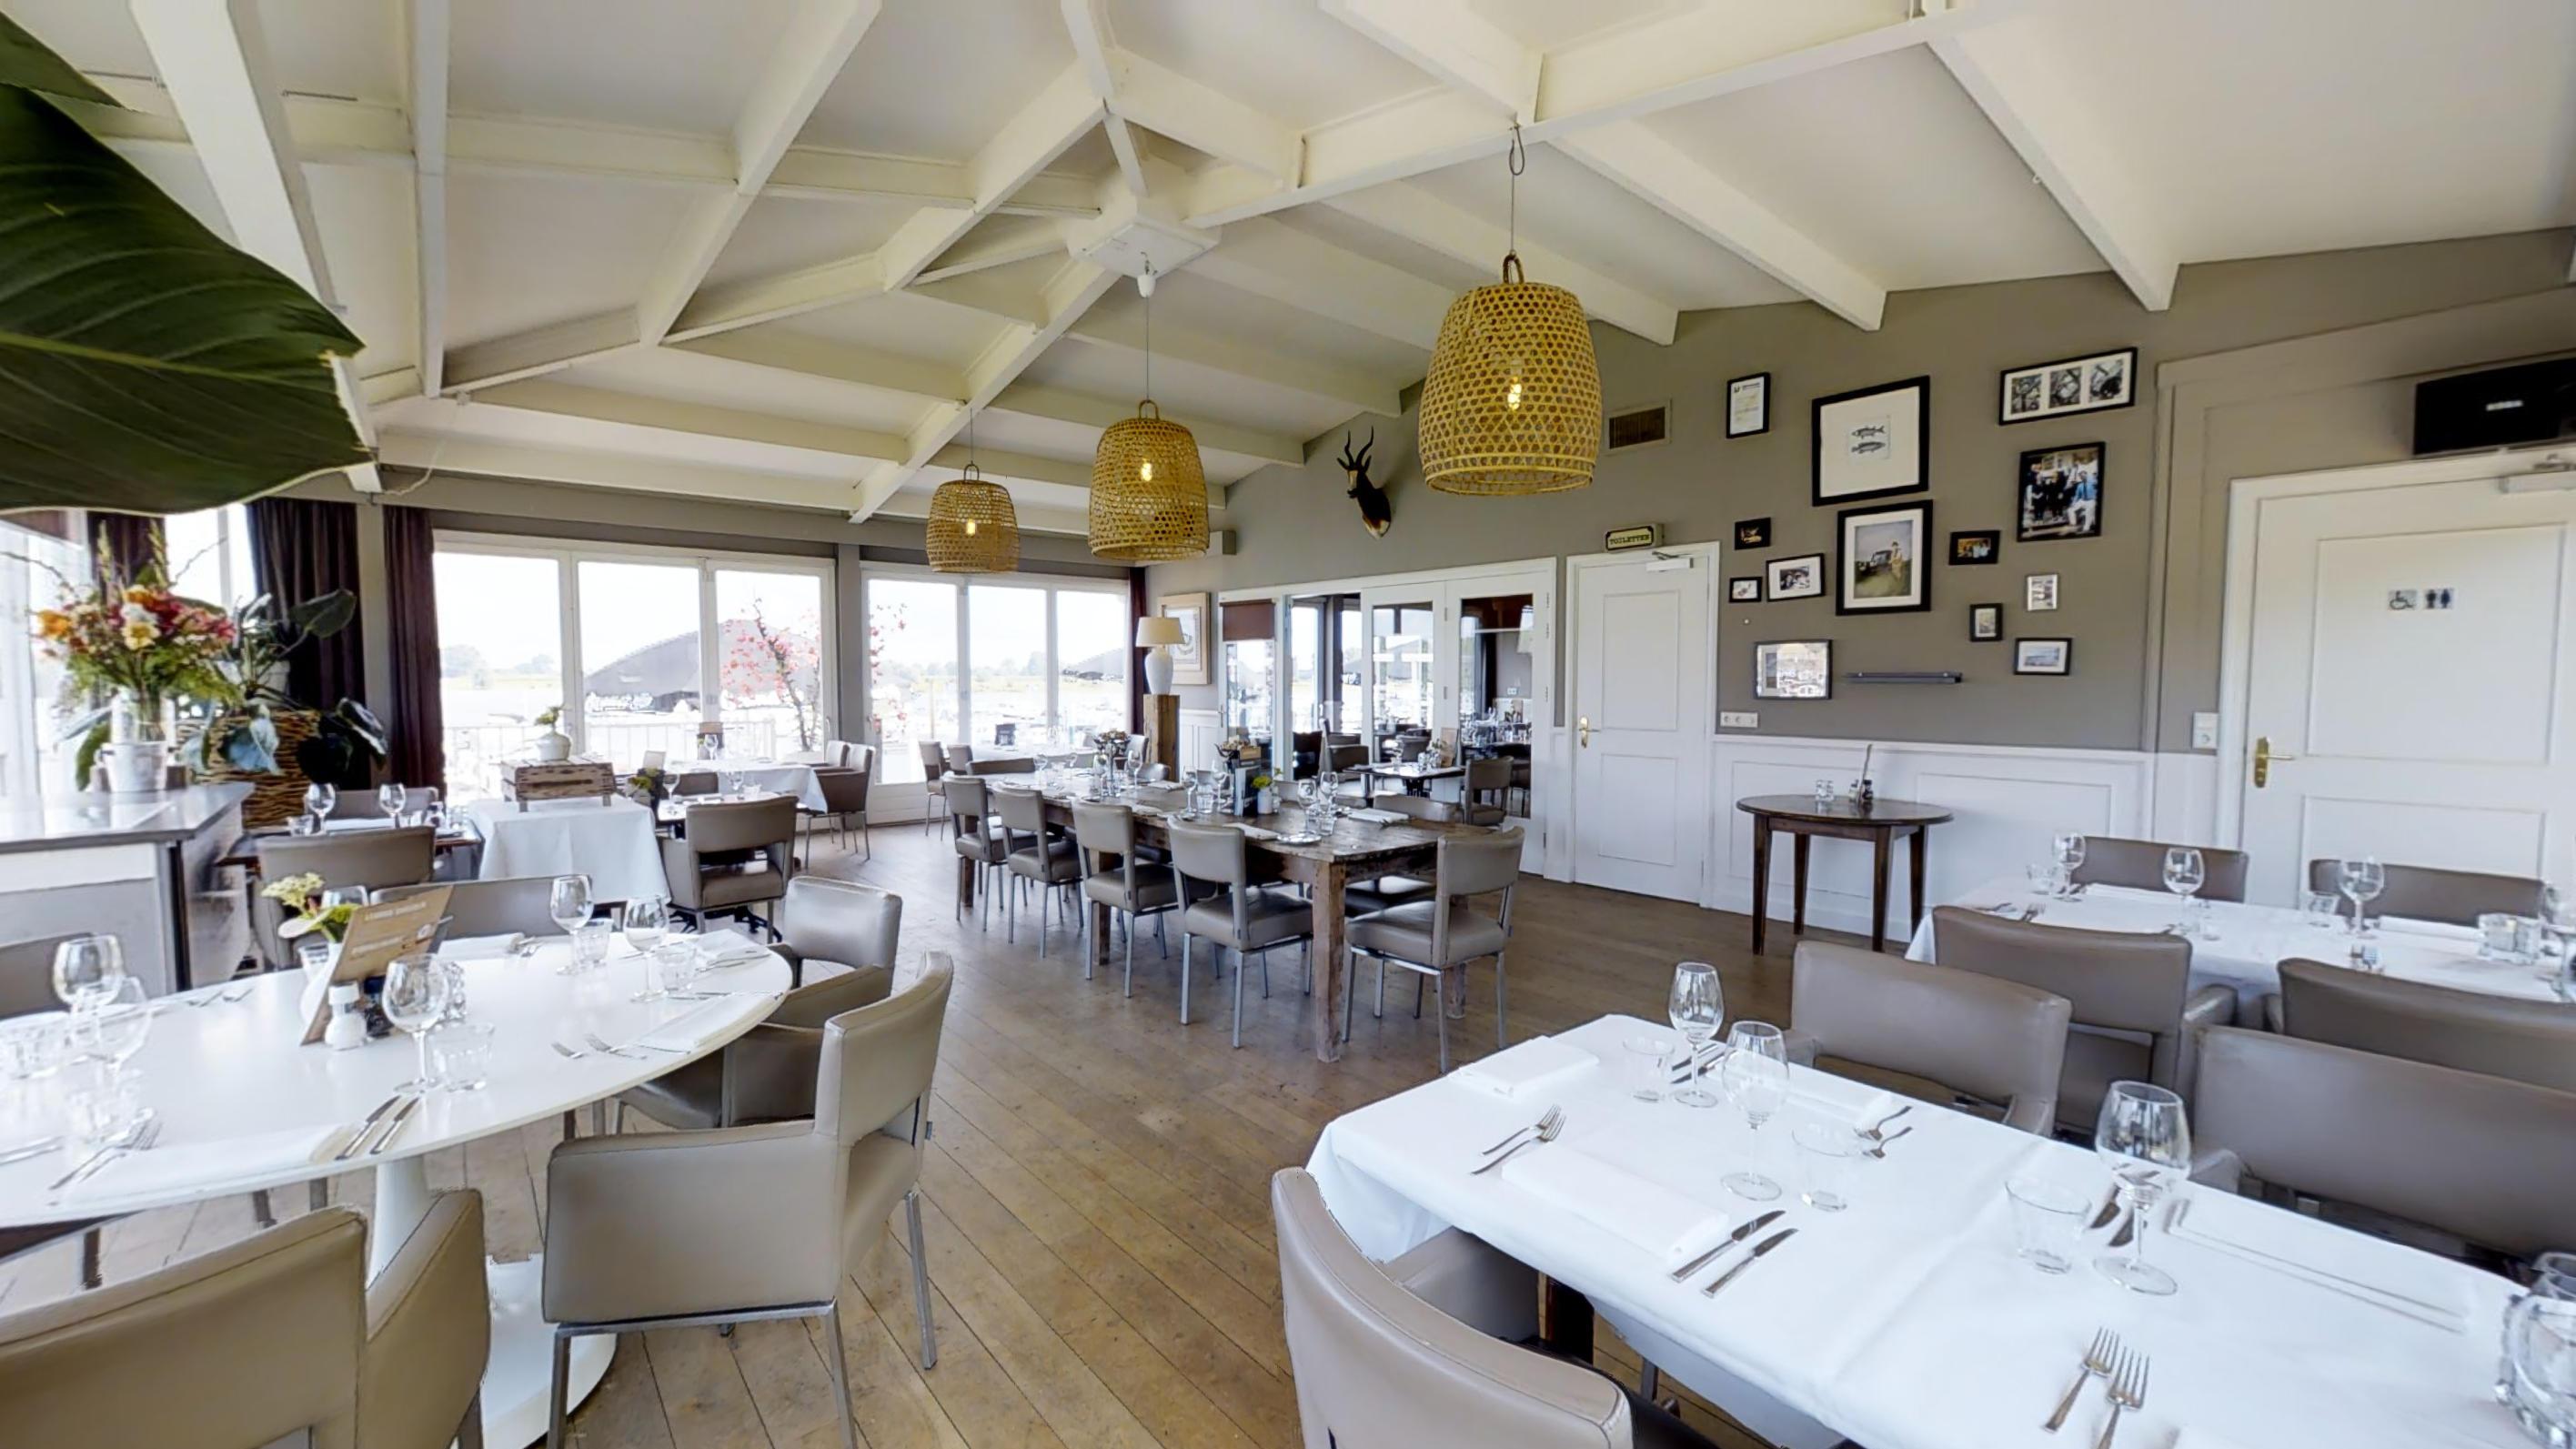 Interactieve 3D/VR presentaties voor restaurants | Fotografie restaurant